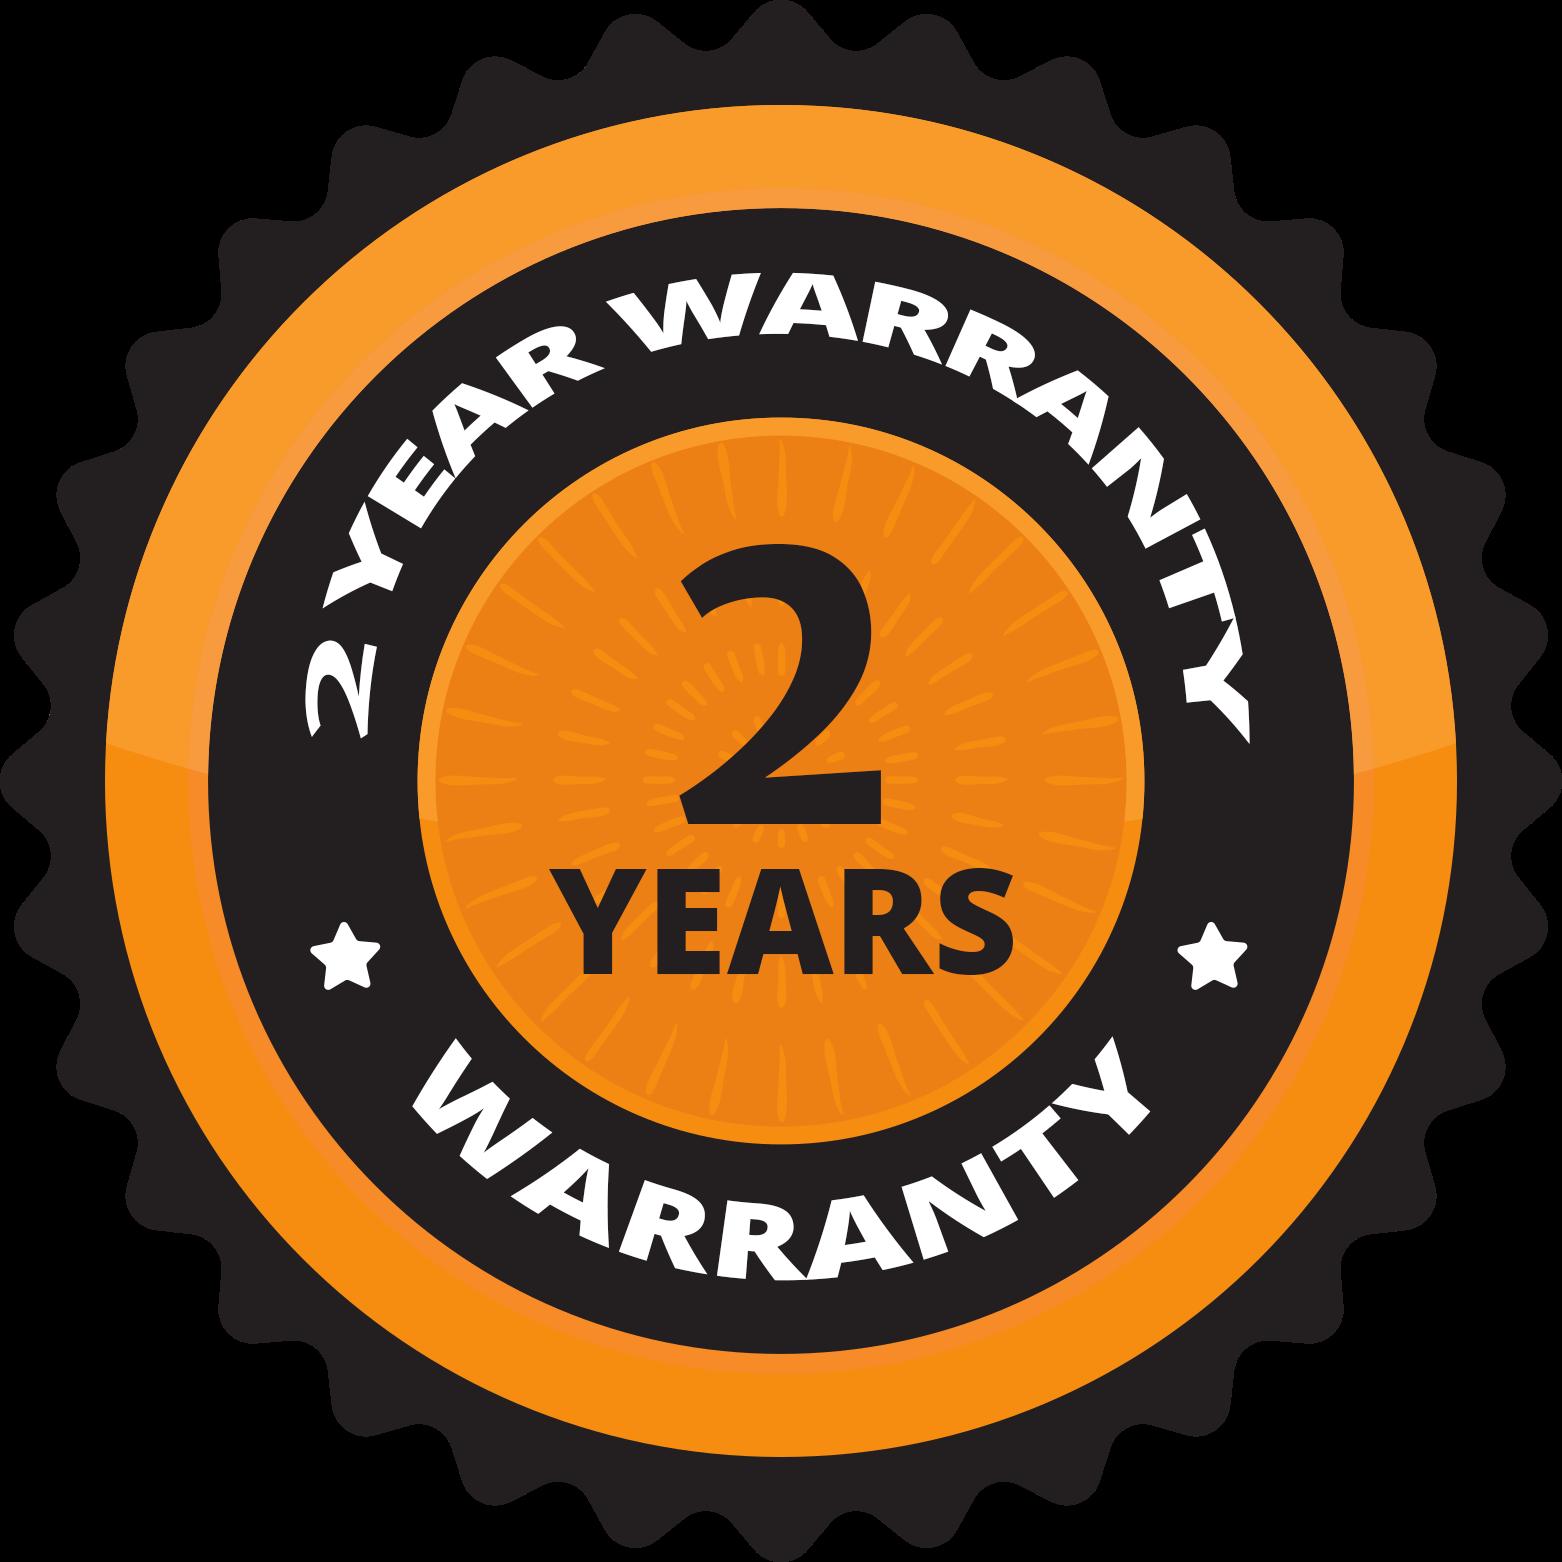 Flexel 10 Year Warranty